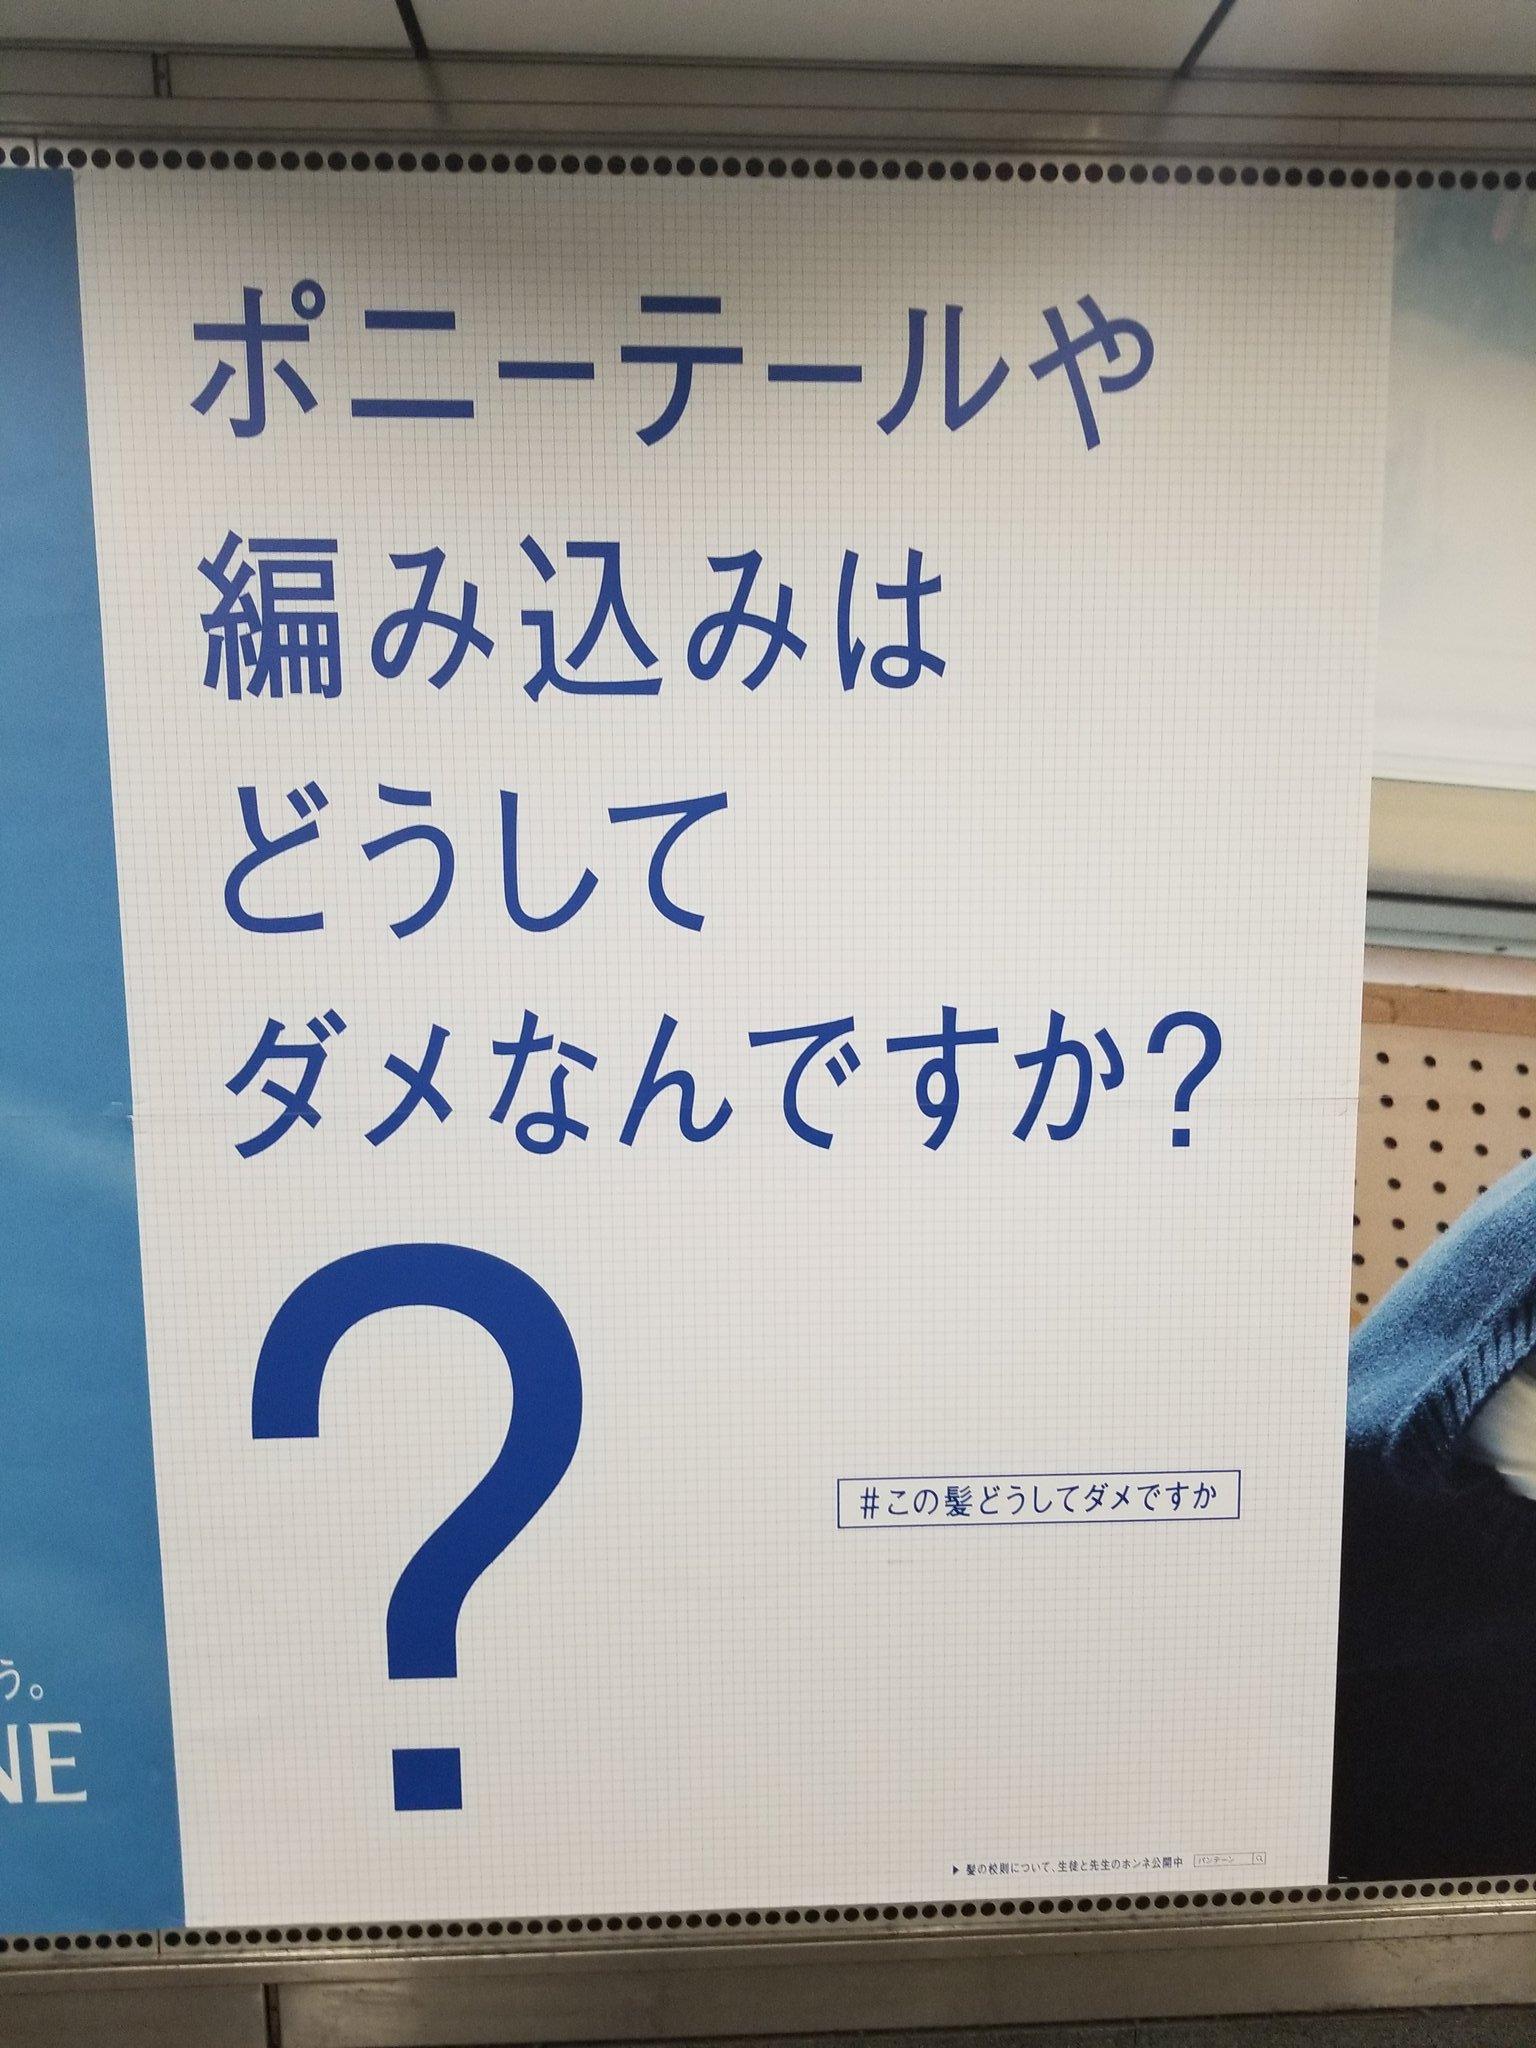 渋谷の駅に大きく張り出されているこの広告 私は足を止めずにはいられなかった #この髪どうしてダメですか